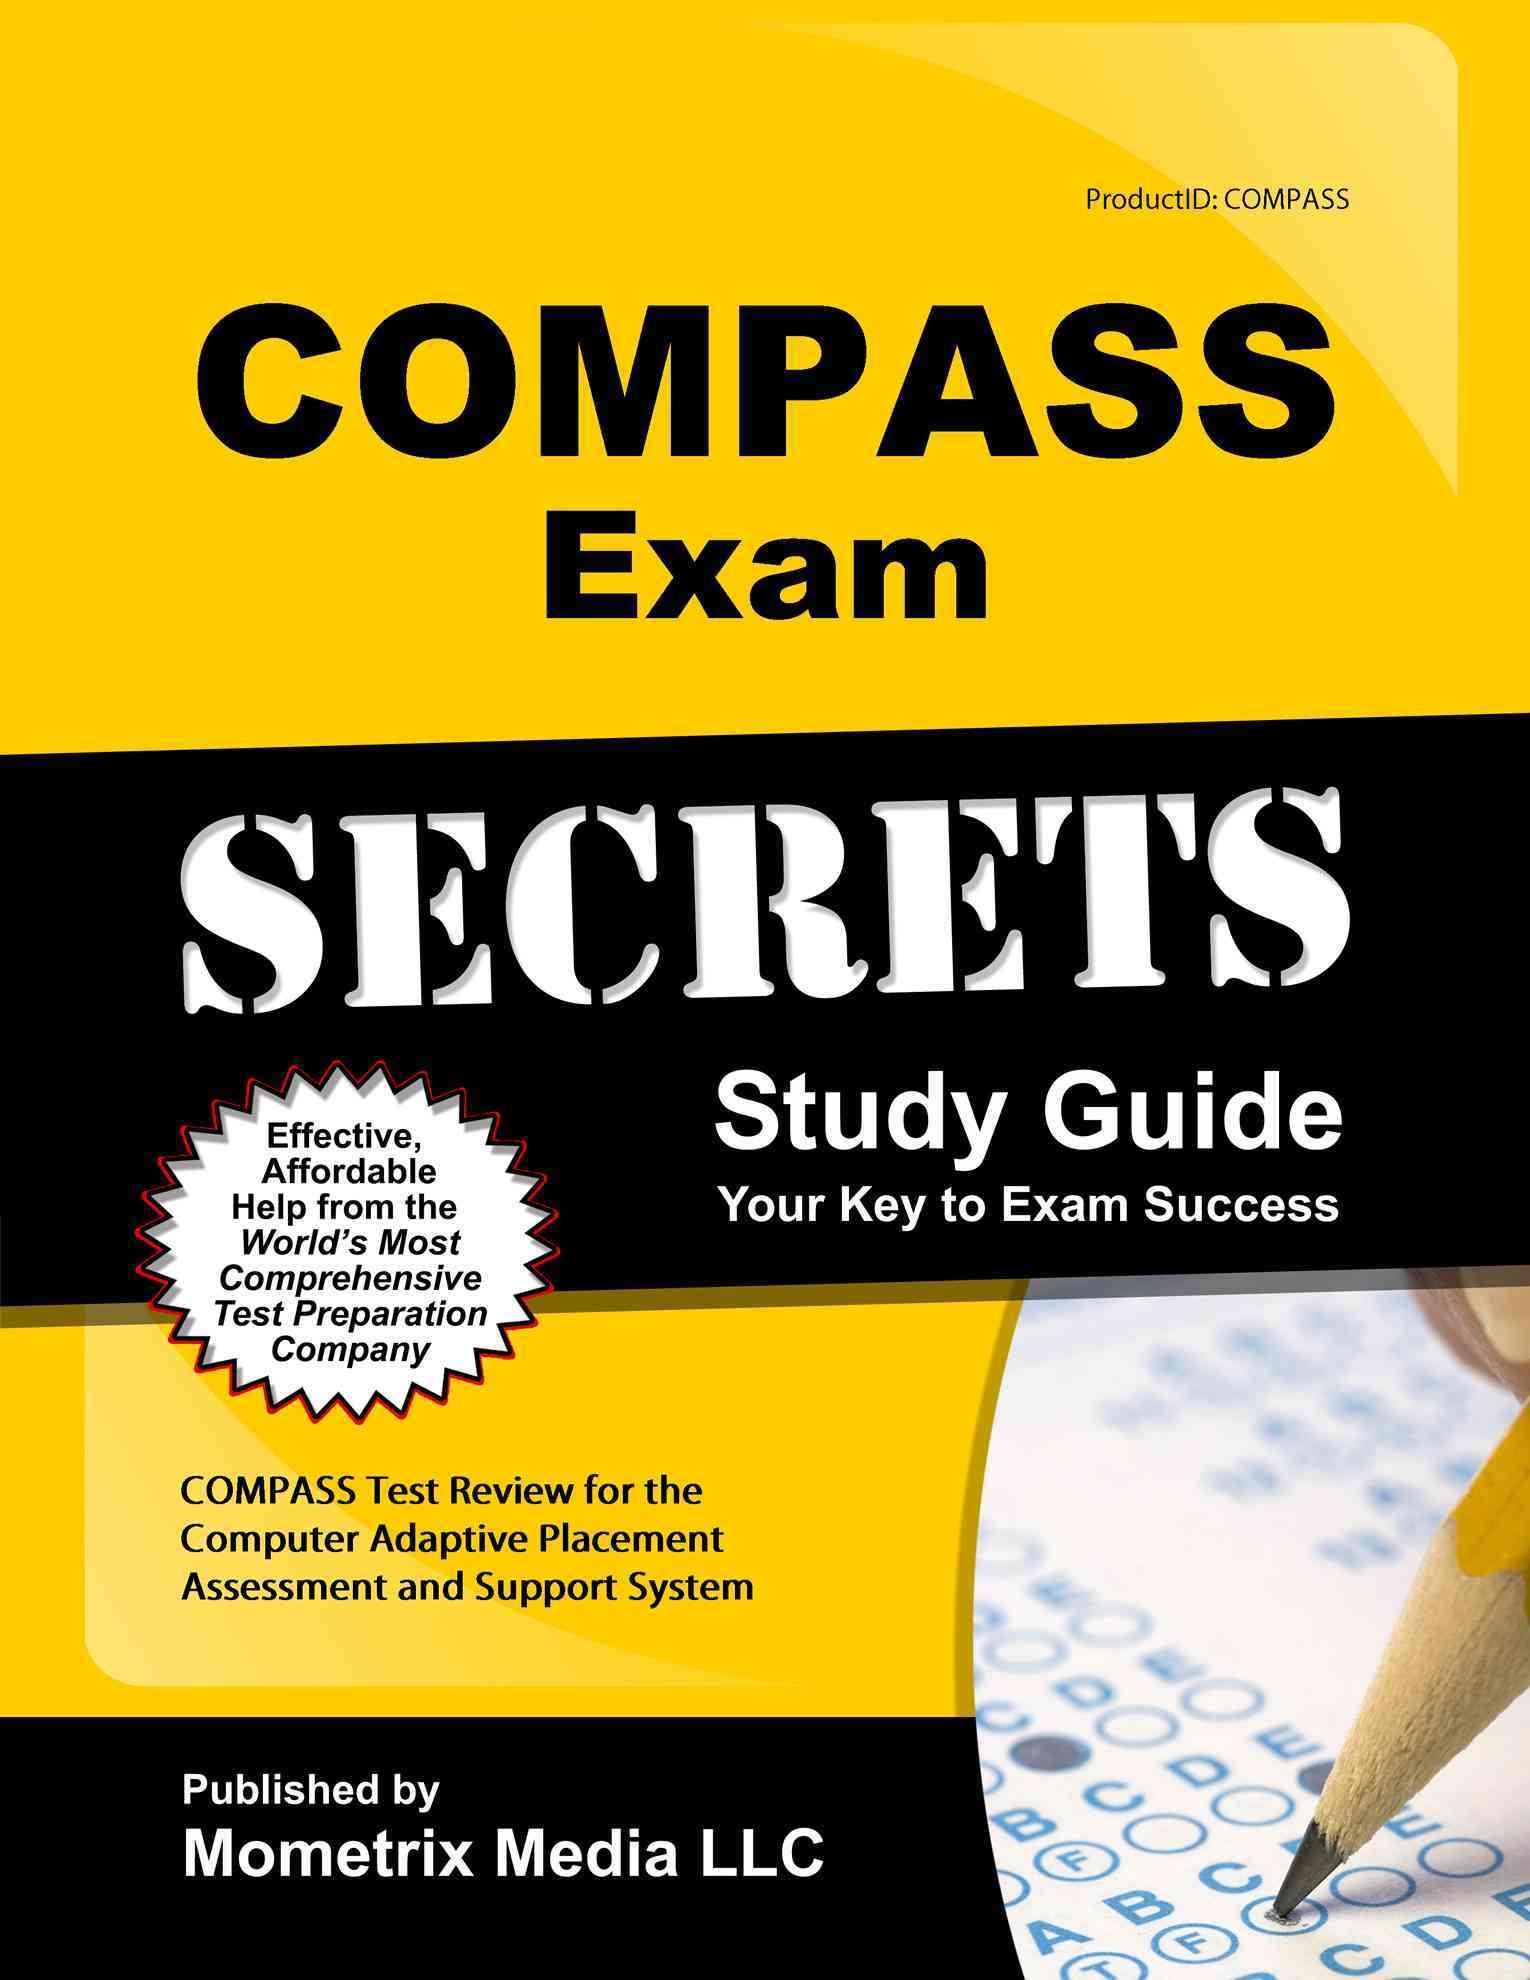 Compass Exam Secrets Study Guide By Compass Exam Secrets (EDT)